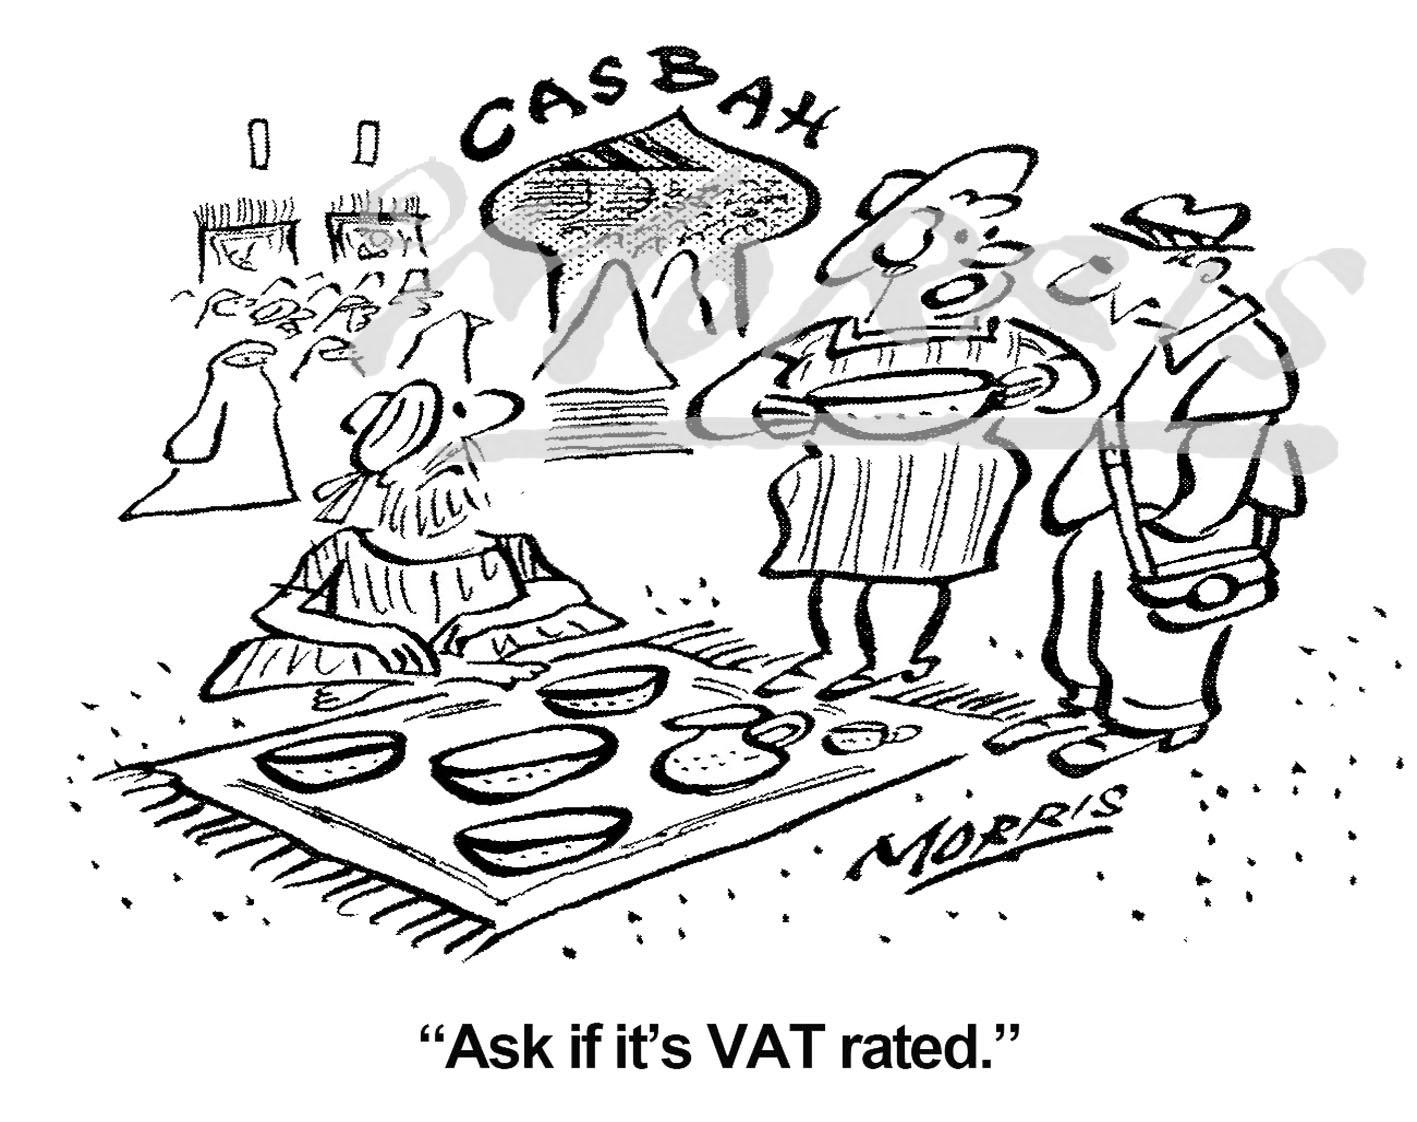 Taxation VAT cartoon – Ref: 7372bw